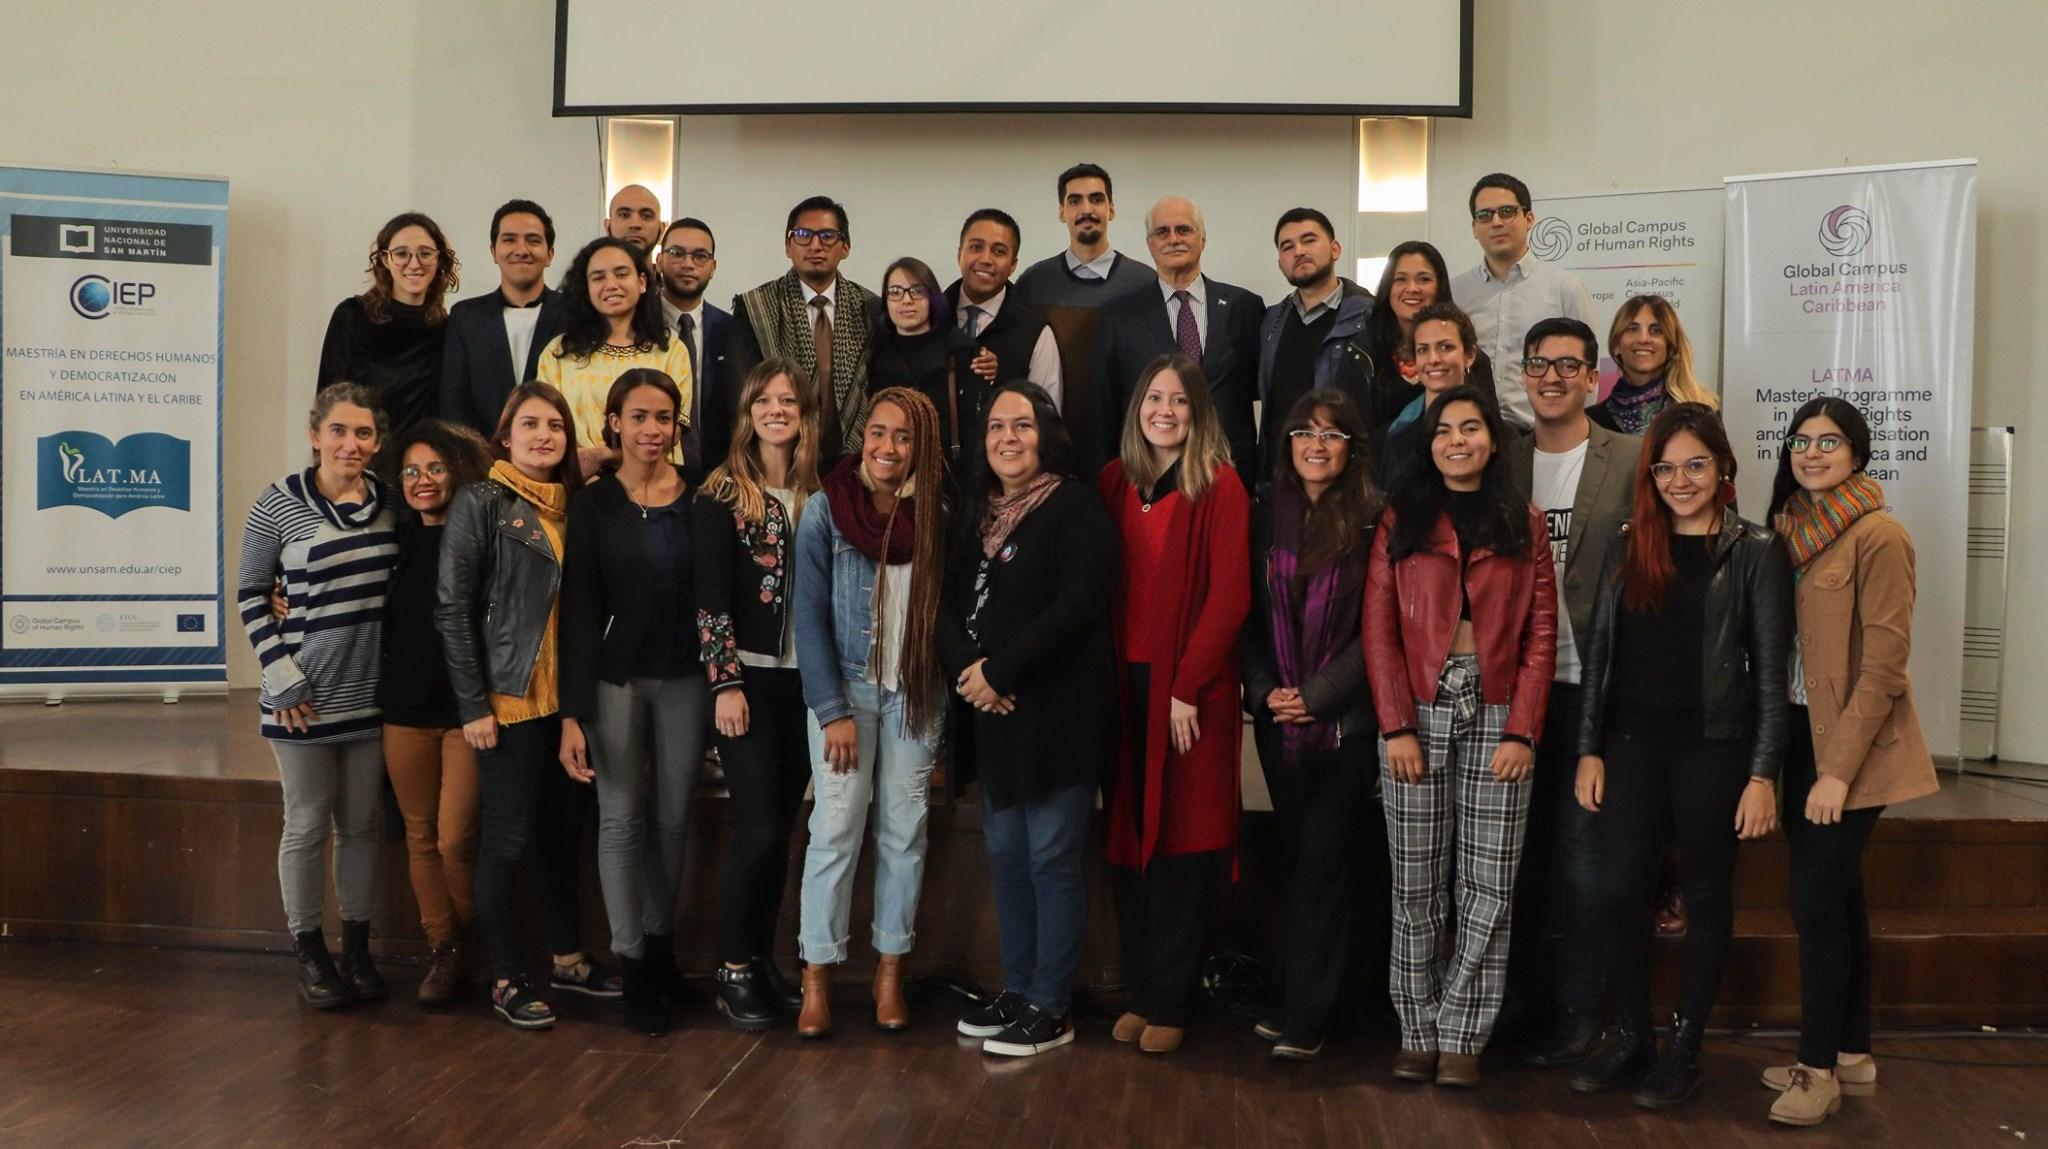 Inicia la Maestría en Derechos Humanos y Democratización con la nueva cohorte 2019 – 2020